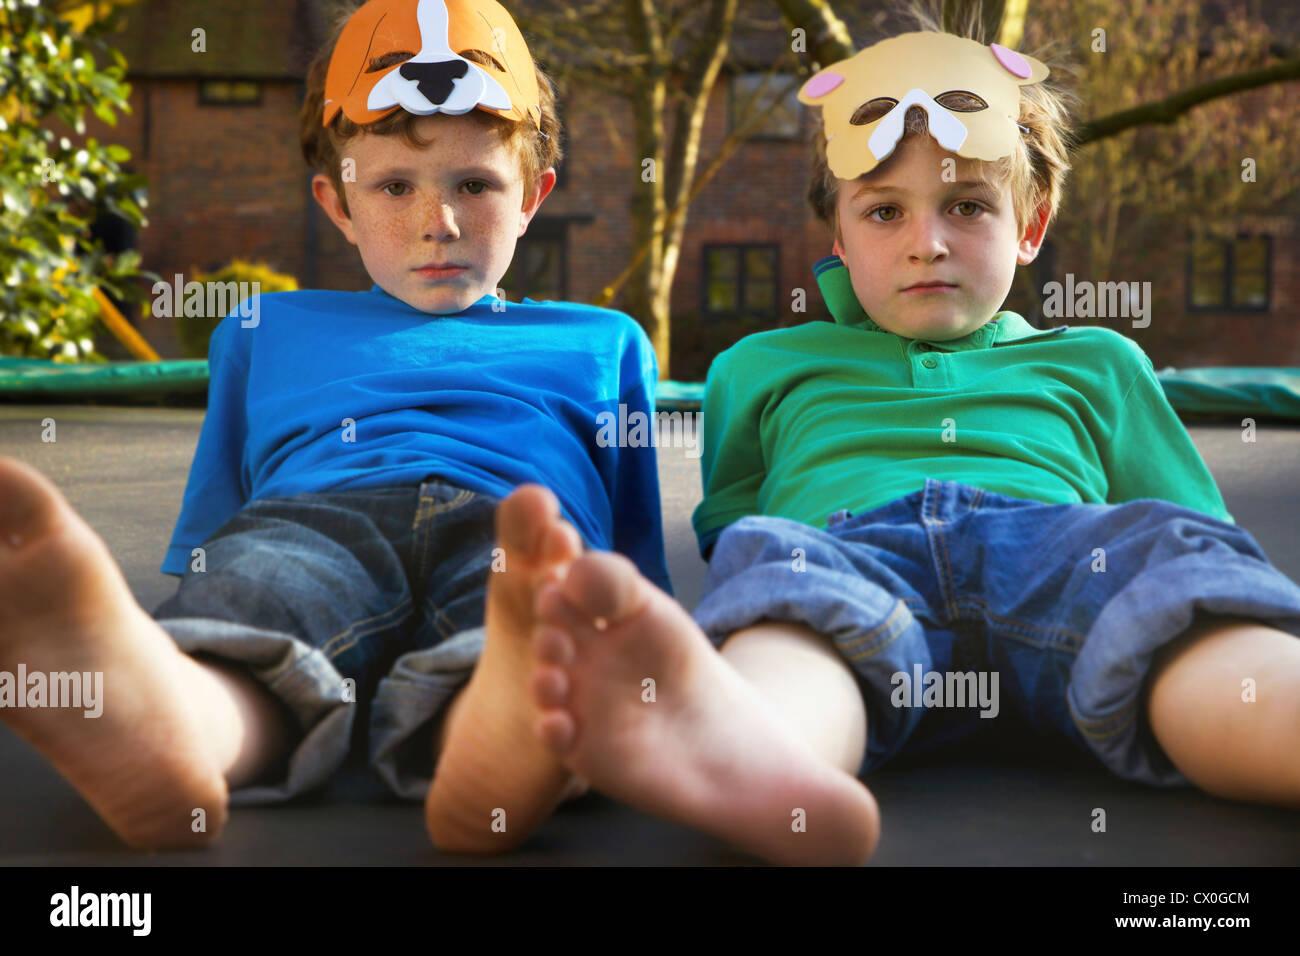 Dos muchachos enmascarados tumbado en la cama elástica Foto de stock